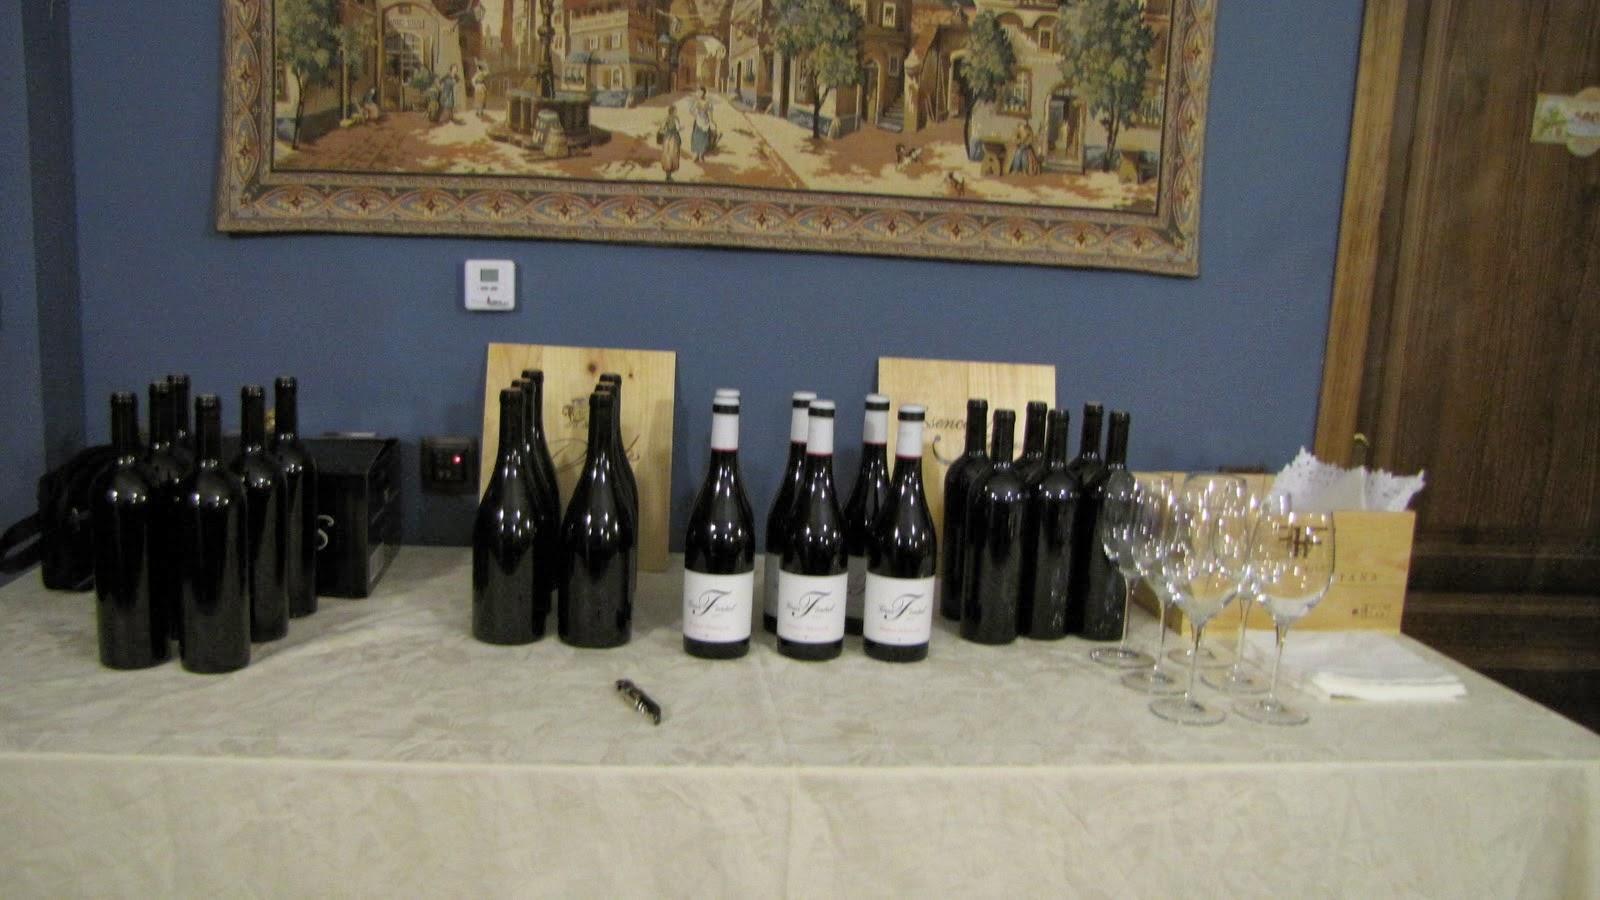 Cata de vinos en Hospedería Ballesteros